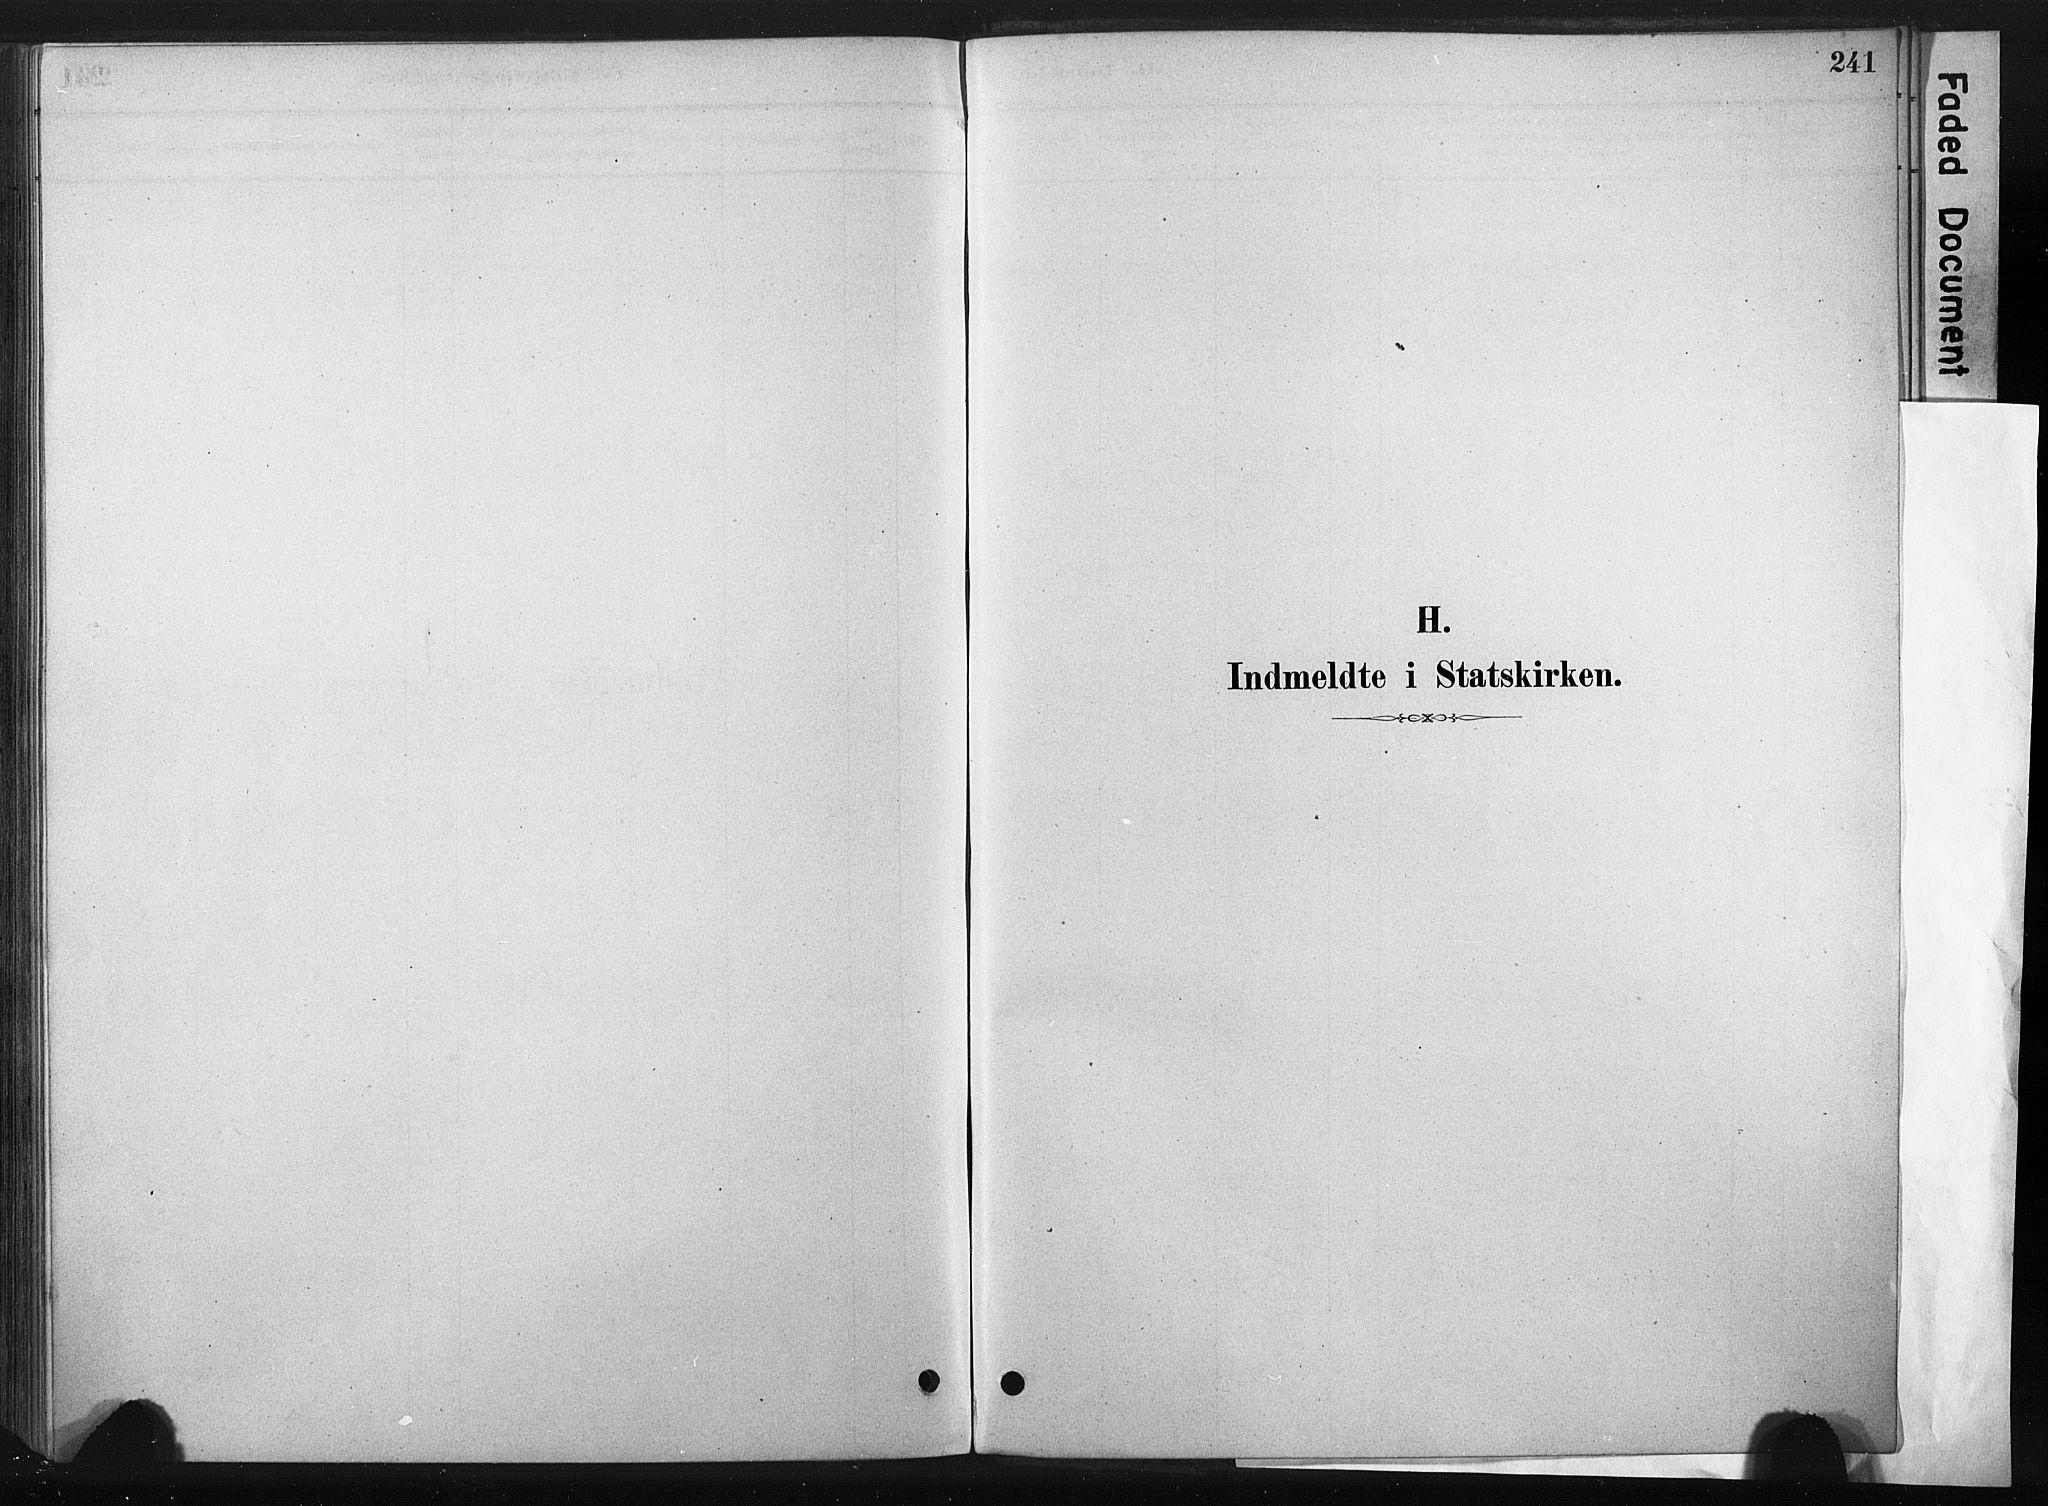 SAT, Ministerialprotokoller, klokkerbøker og fødselsregistre - Sør-Trøndelag, 667/L0795: Ministerialbok nr. 667A03, 1879-1907, s. 241